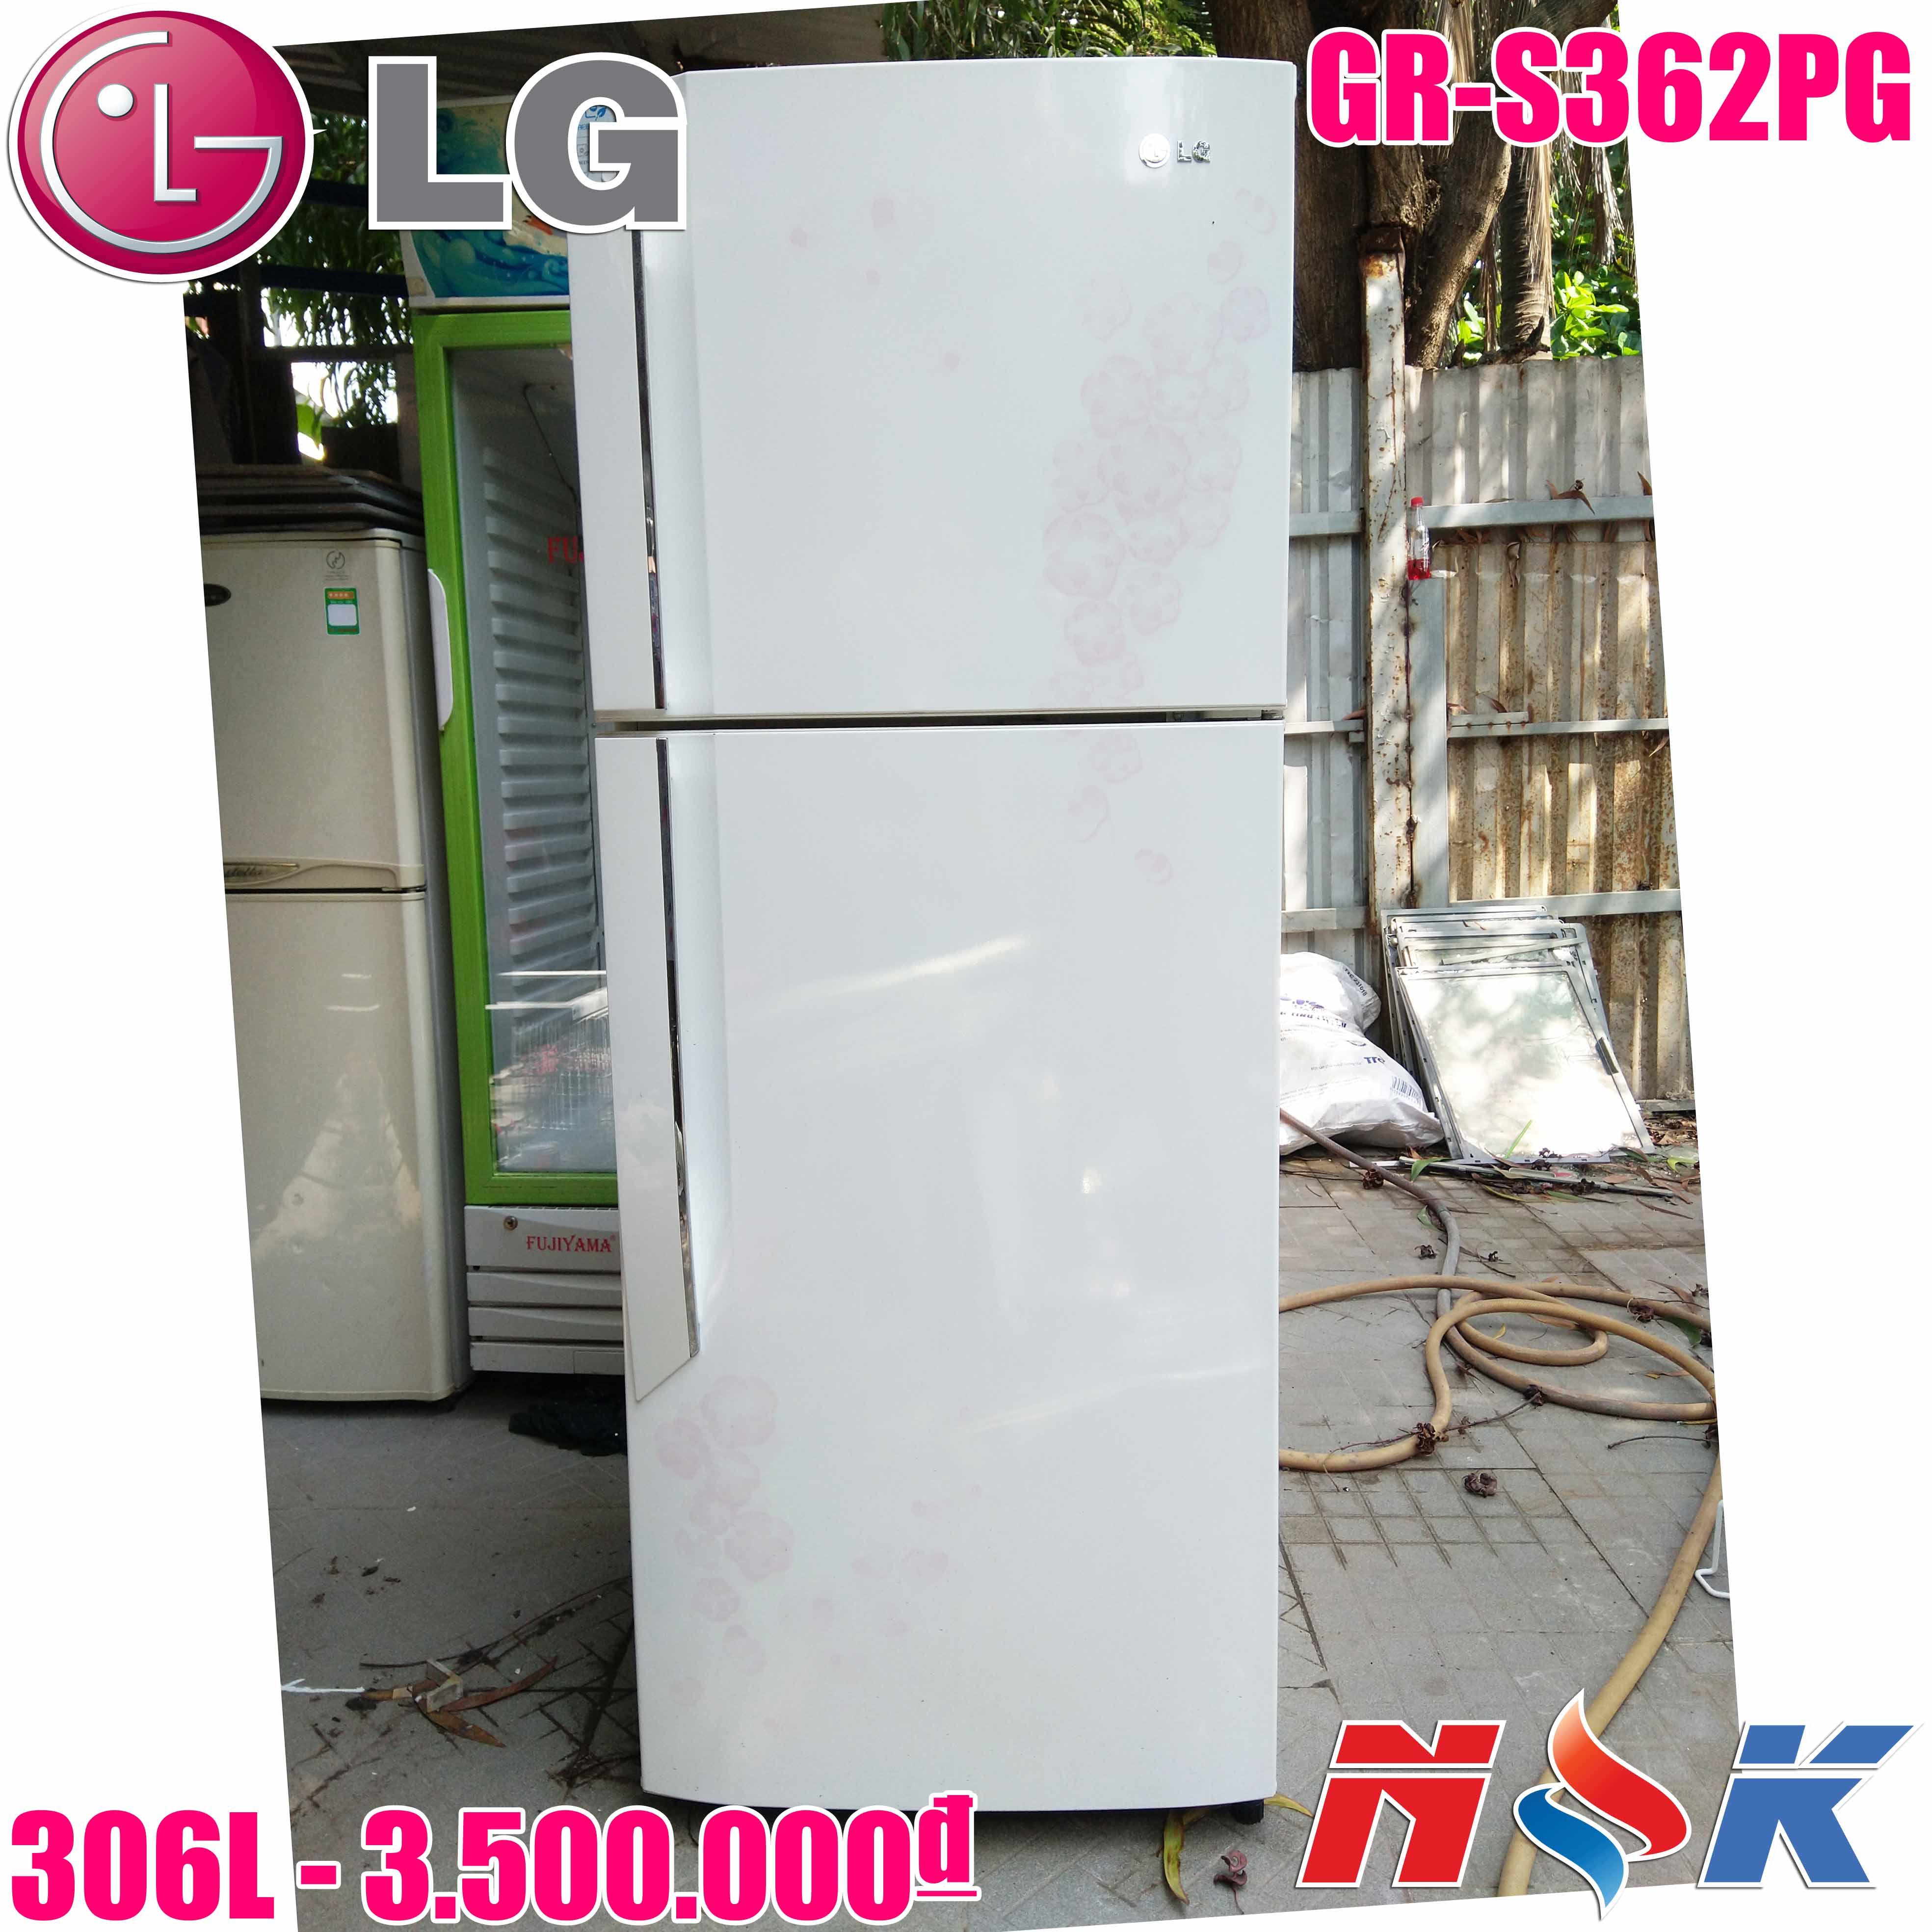 Tủ Lạnh Toshiba, Sanyo, Samsung, Panasonic... Mới & Cũ Giá Rẻ !!! - 10